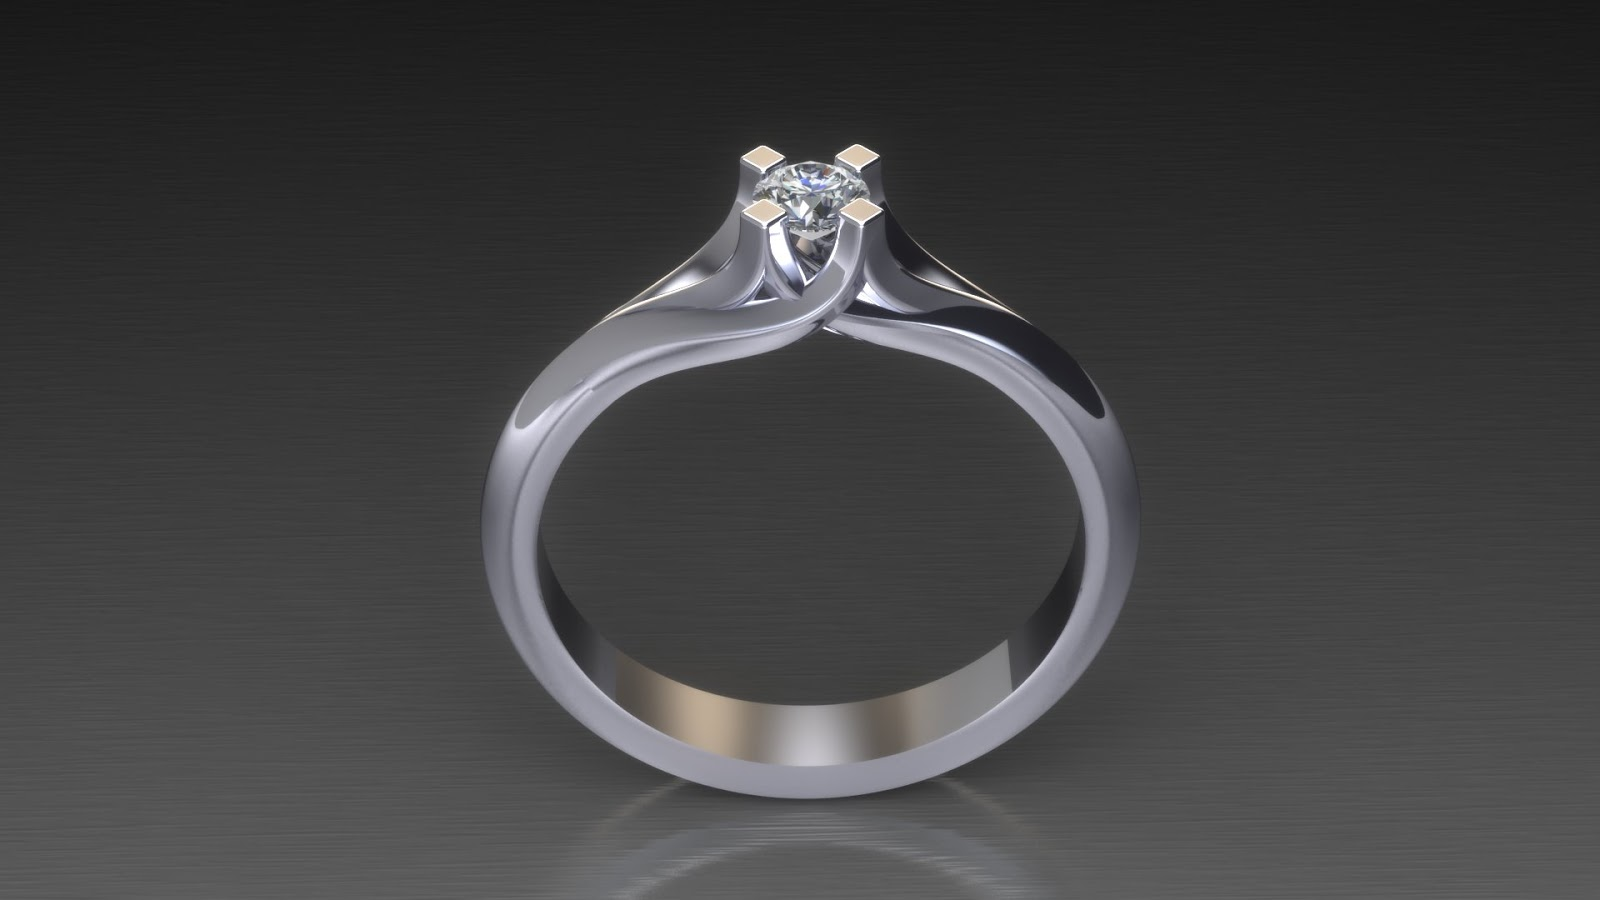 Μονόπετρο δαχτυλίδι φλόγα με διαμάντι!  fd727f30fe1